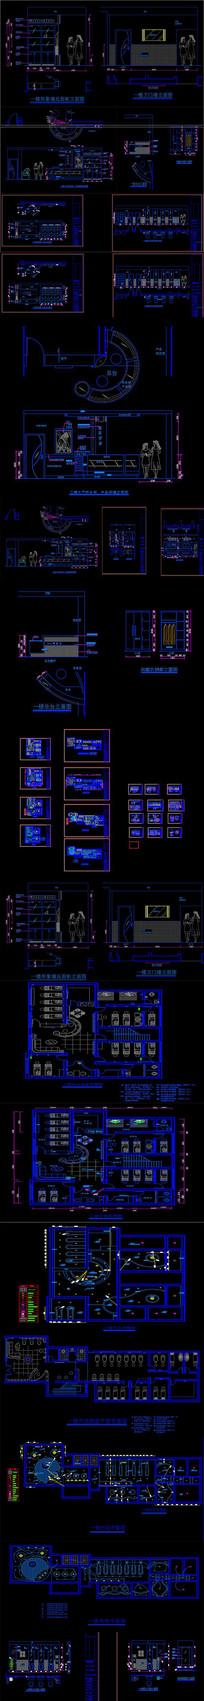 全套养生会所CAD施工图